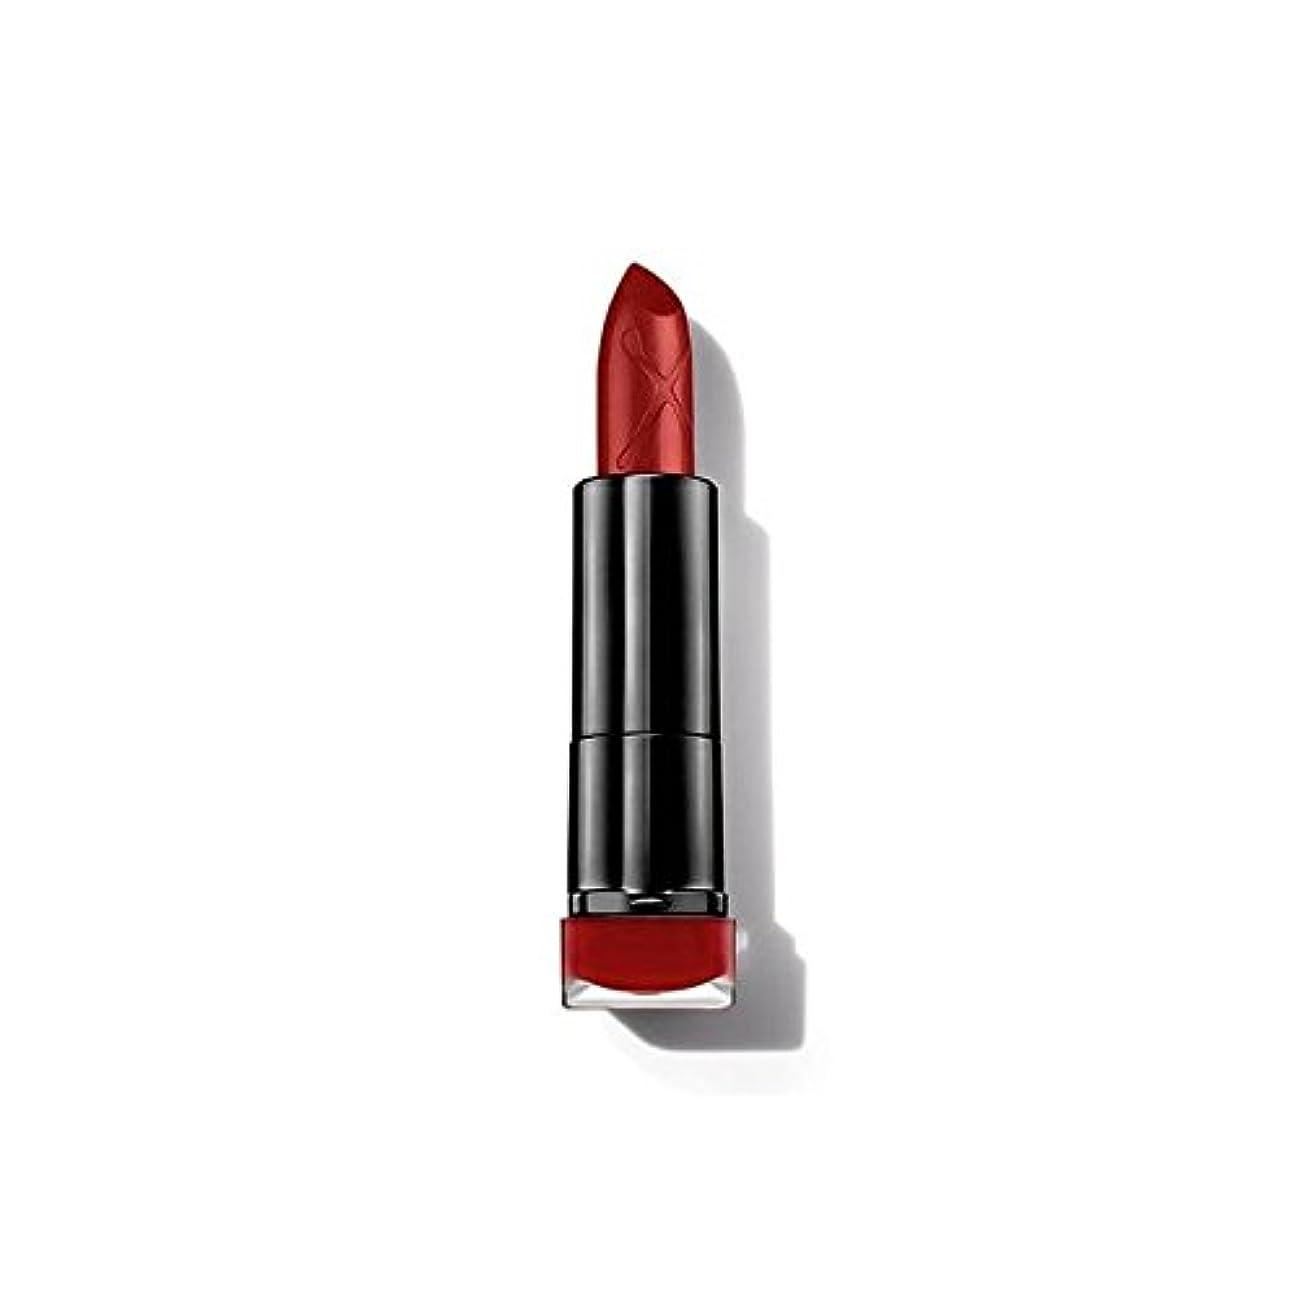 艦隊山積みの平和なマックスファクターカラーエリキシルマット弾丸口紅愛35 x2 - Max Factor Colour Elixir Matte Bullet Lipstick Love 35 (Pack of 2) [並行輸入品]